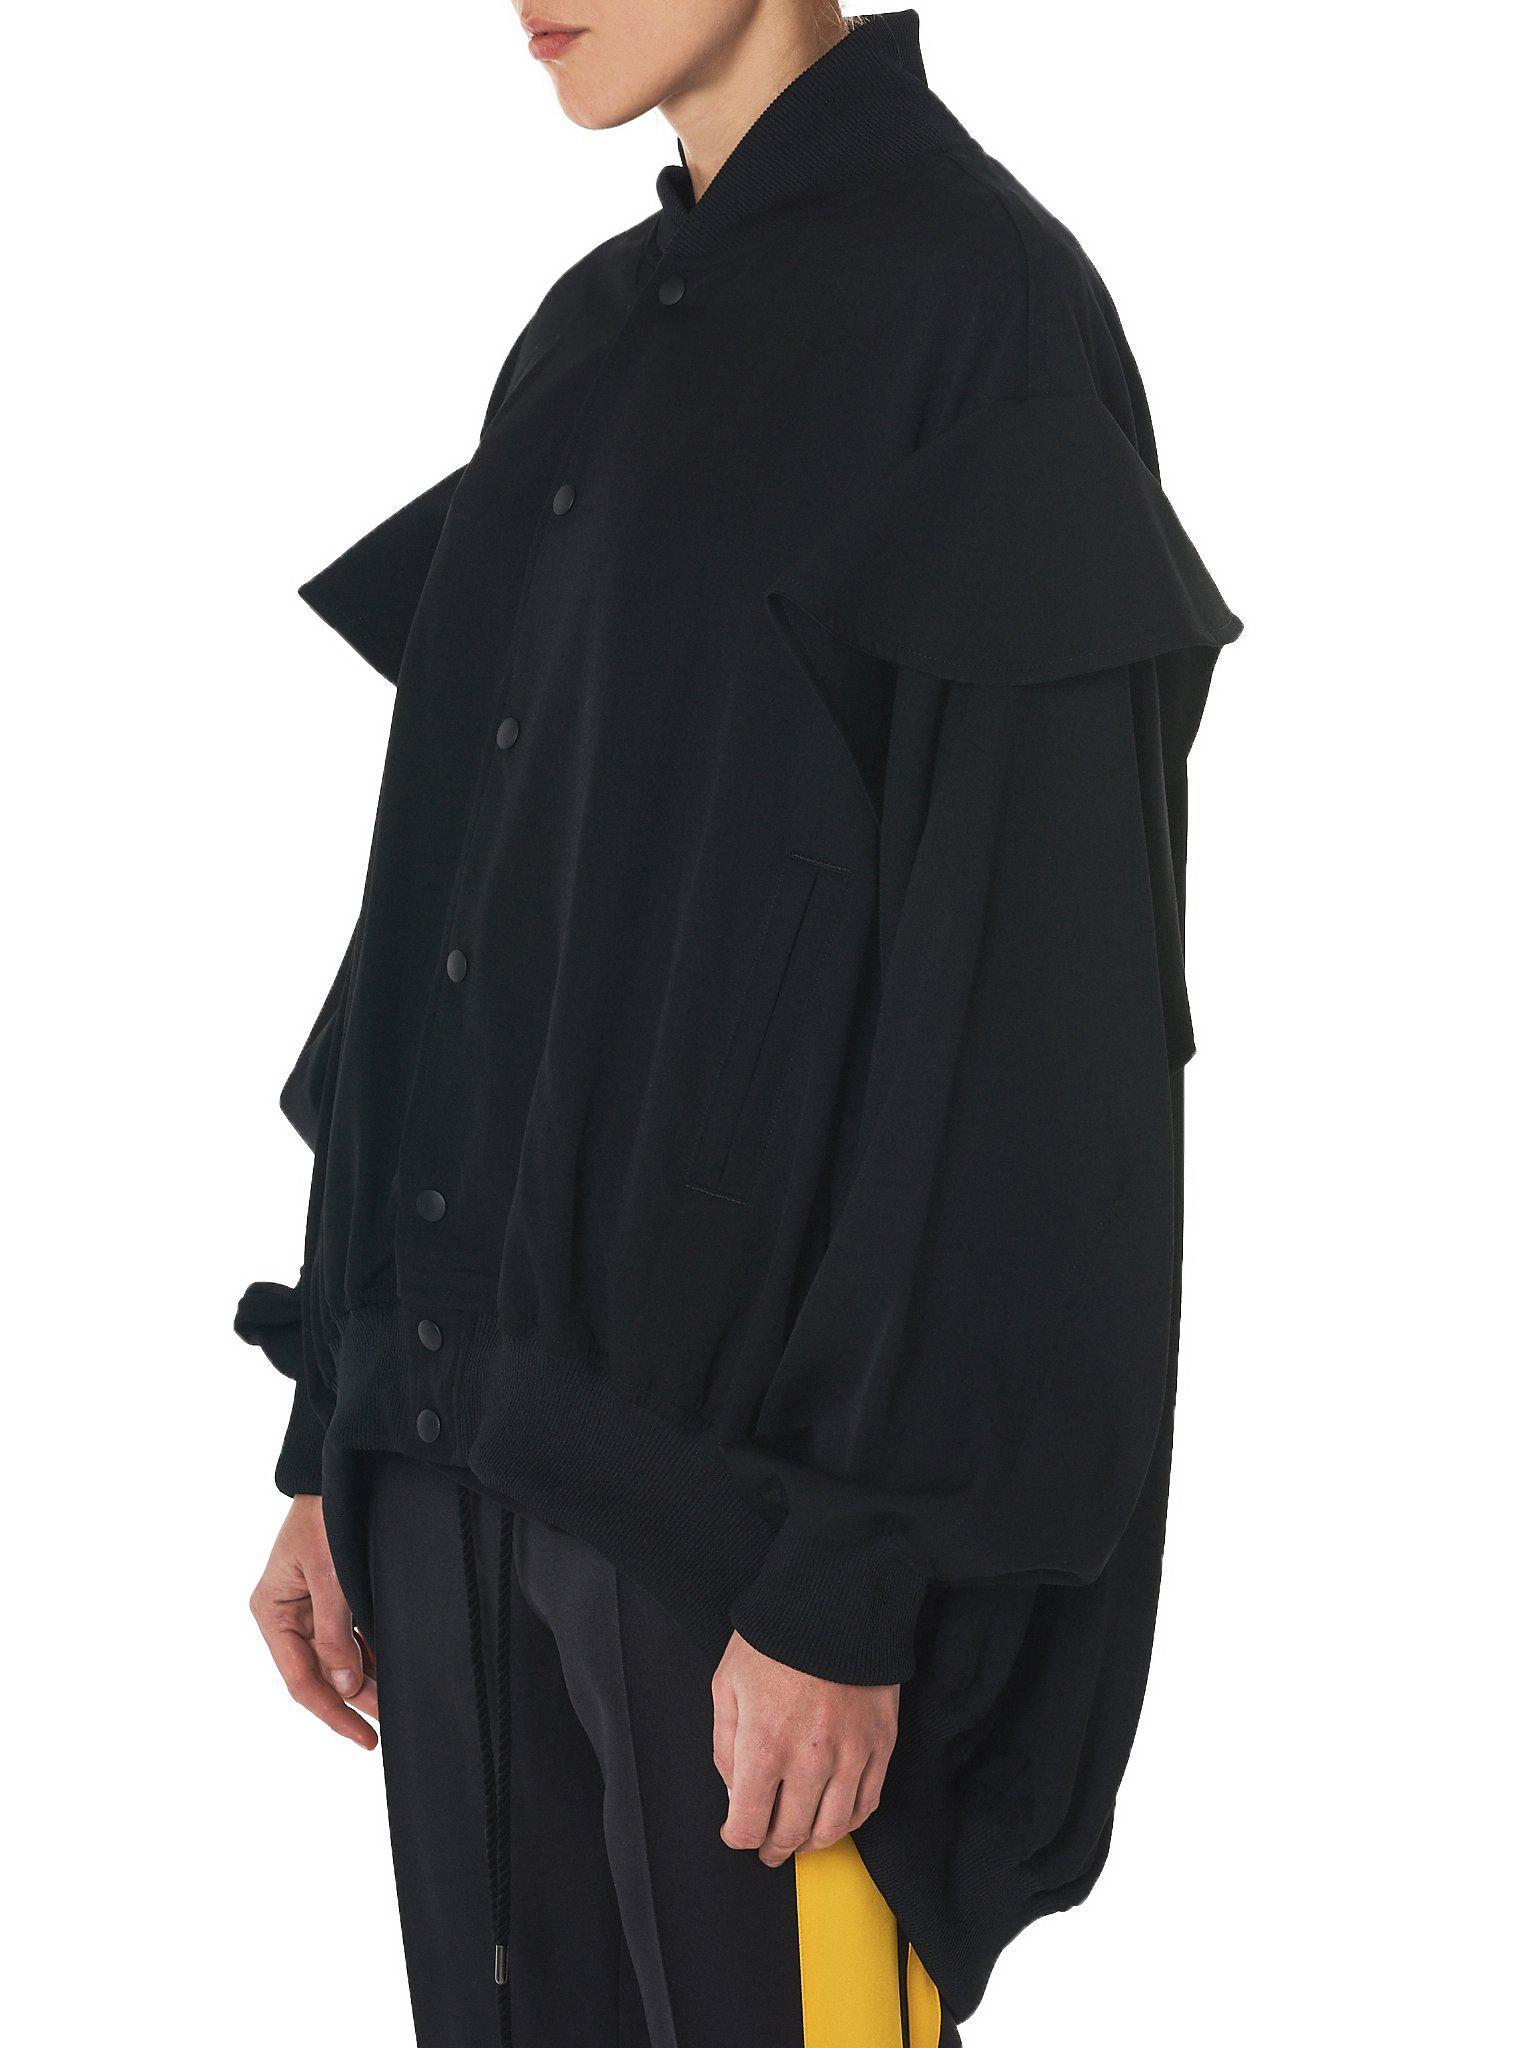 Lyst - Yohji Yamamoto Gabardine Blouson Jacket in Black c22c542478